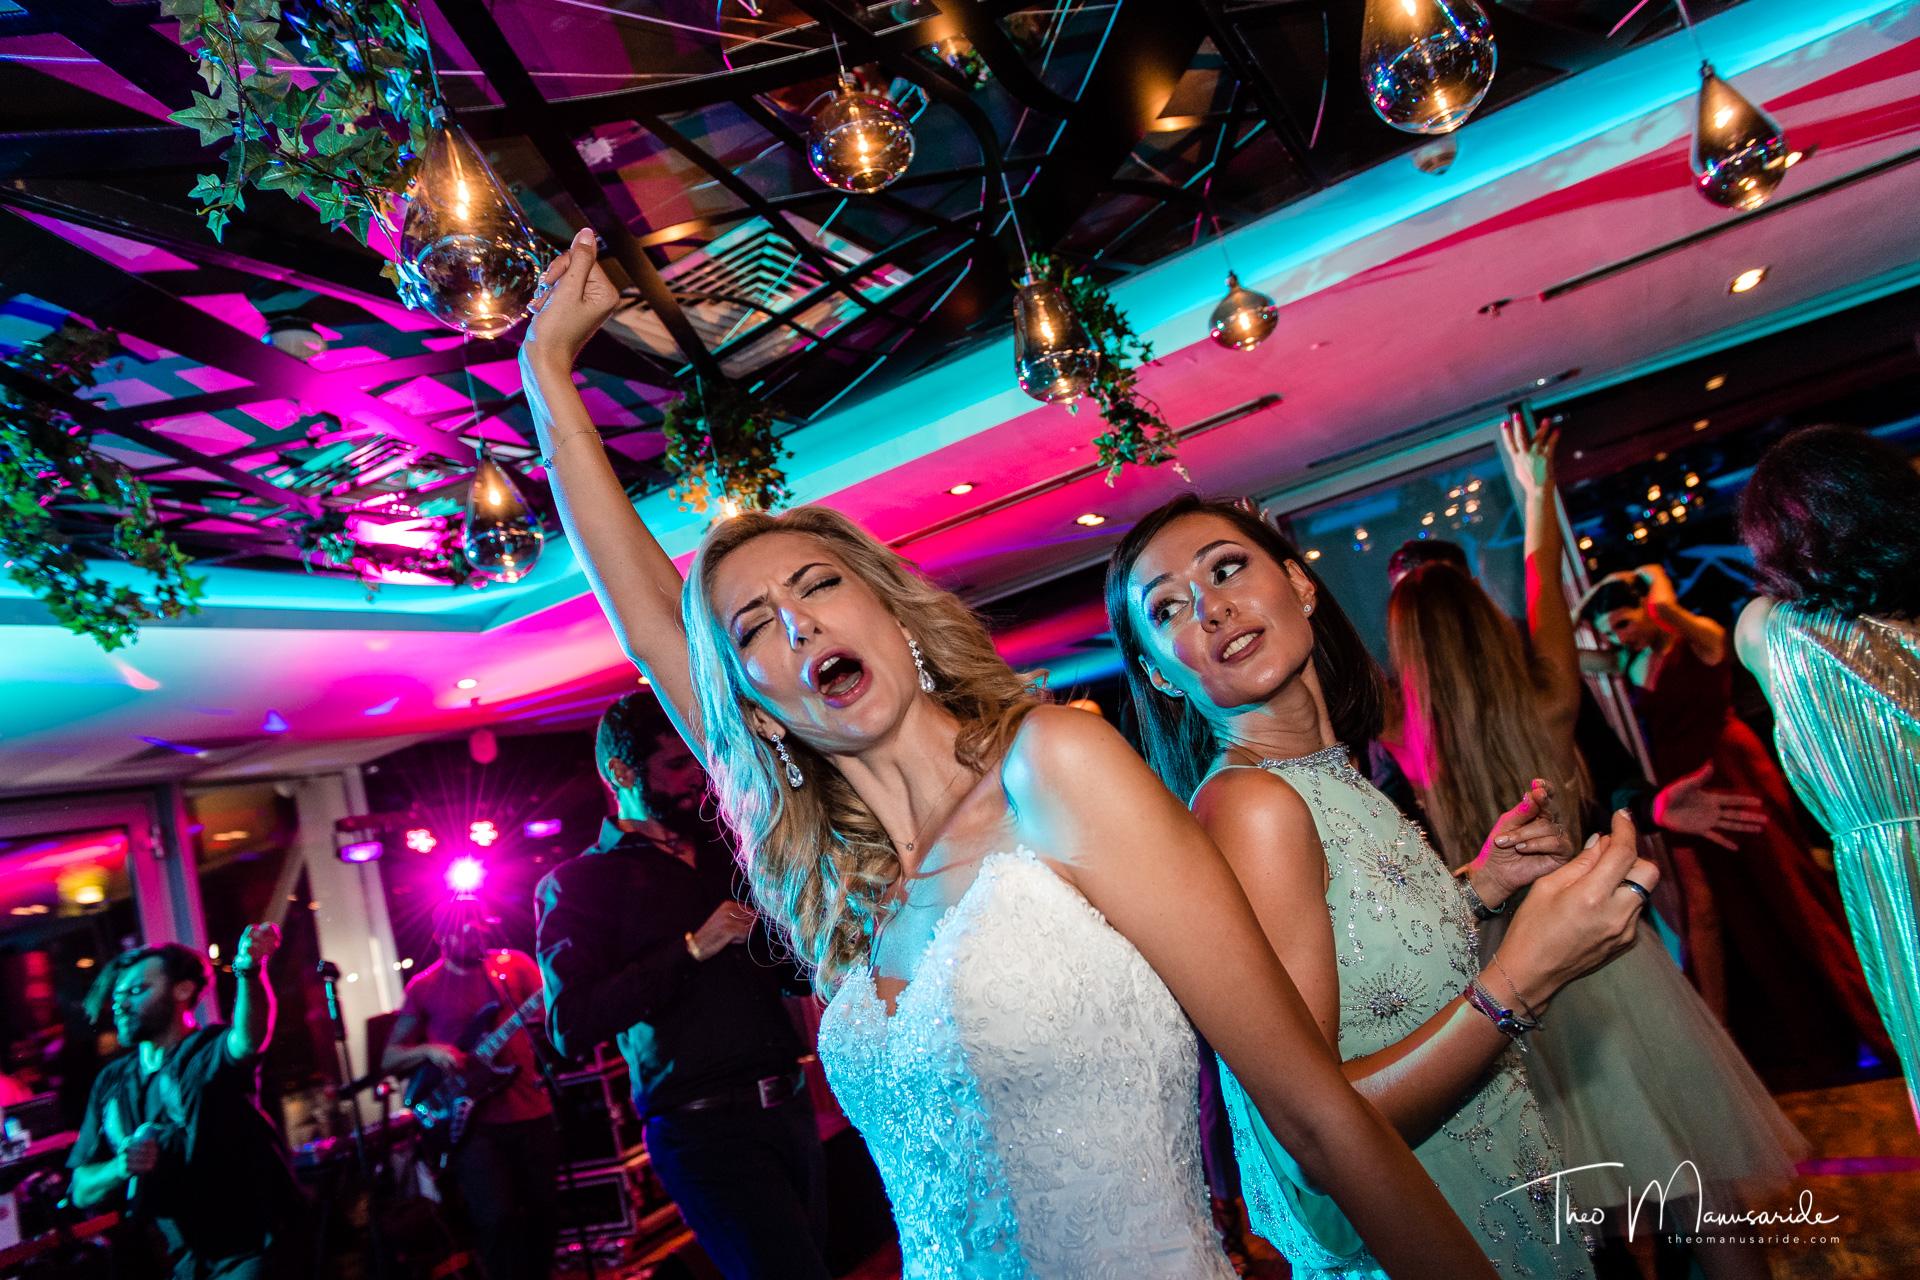 fotograf-nunta-18-lounge-25